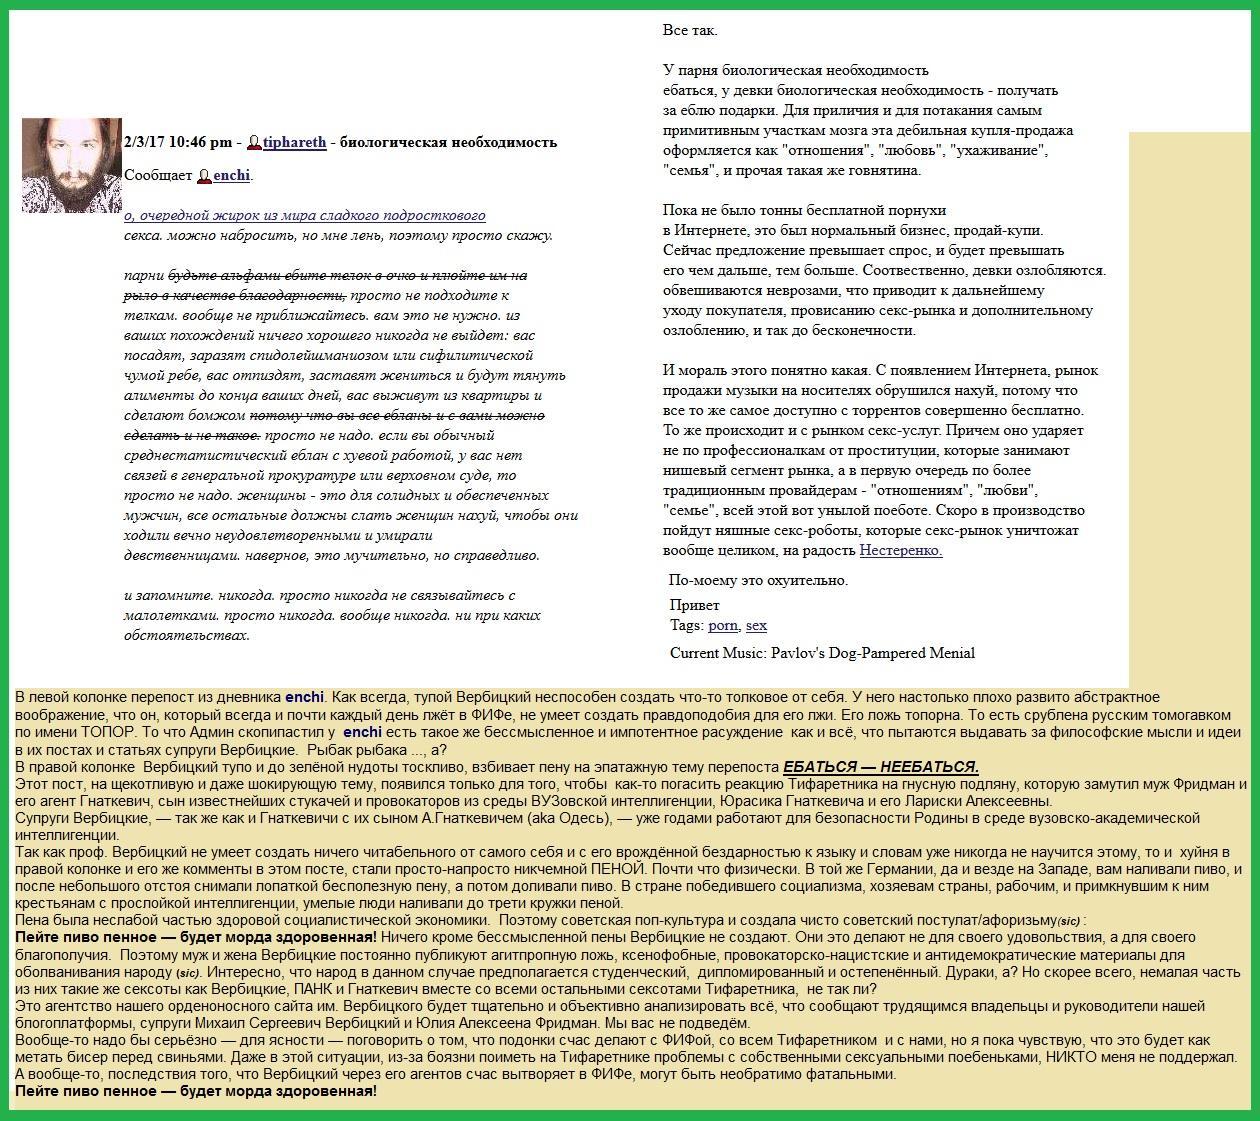 Вербицкий, ебля и провокация в ФИФе